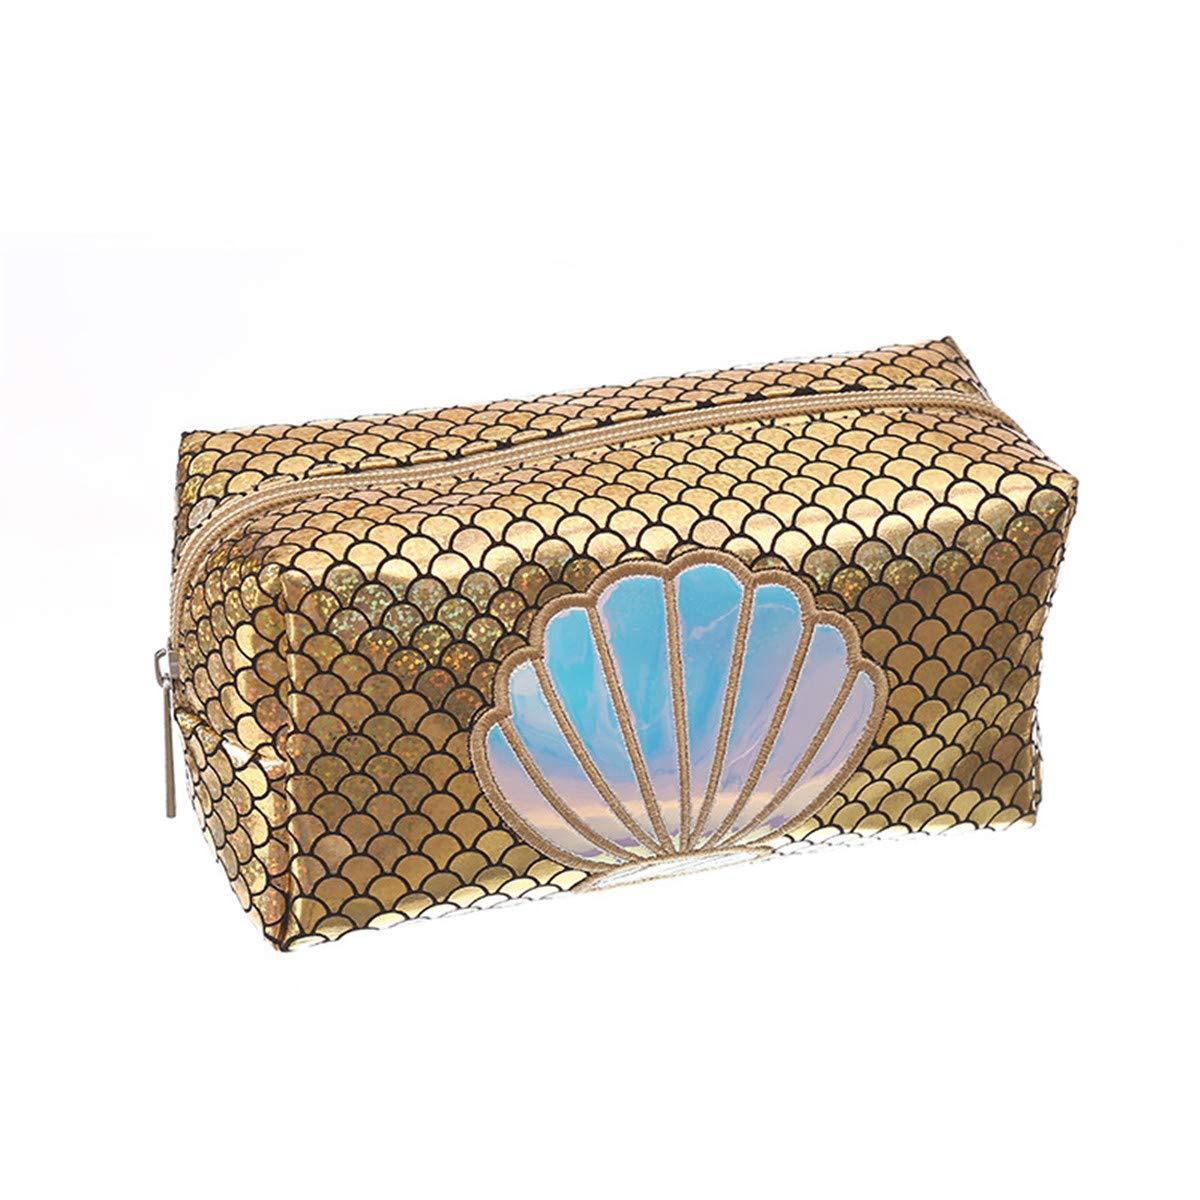 WINTER DONG Acuarela Rainbow Mermaid Scales Bolsa de Maquillaje Art/ículos de tocador Bolsa de Viaje Estuche para Mujeres Fish Tail Organizador port/átil Bolsa de Almacenamiento Bolsas Caja